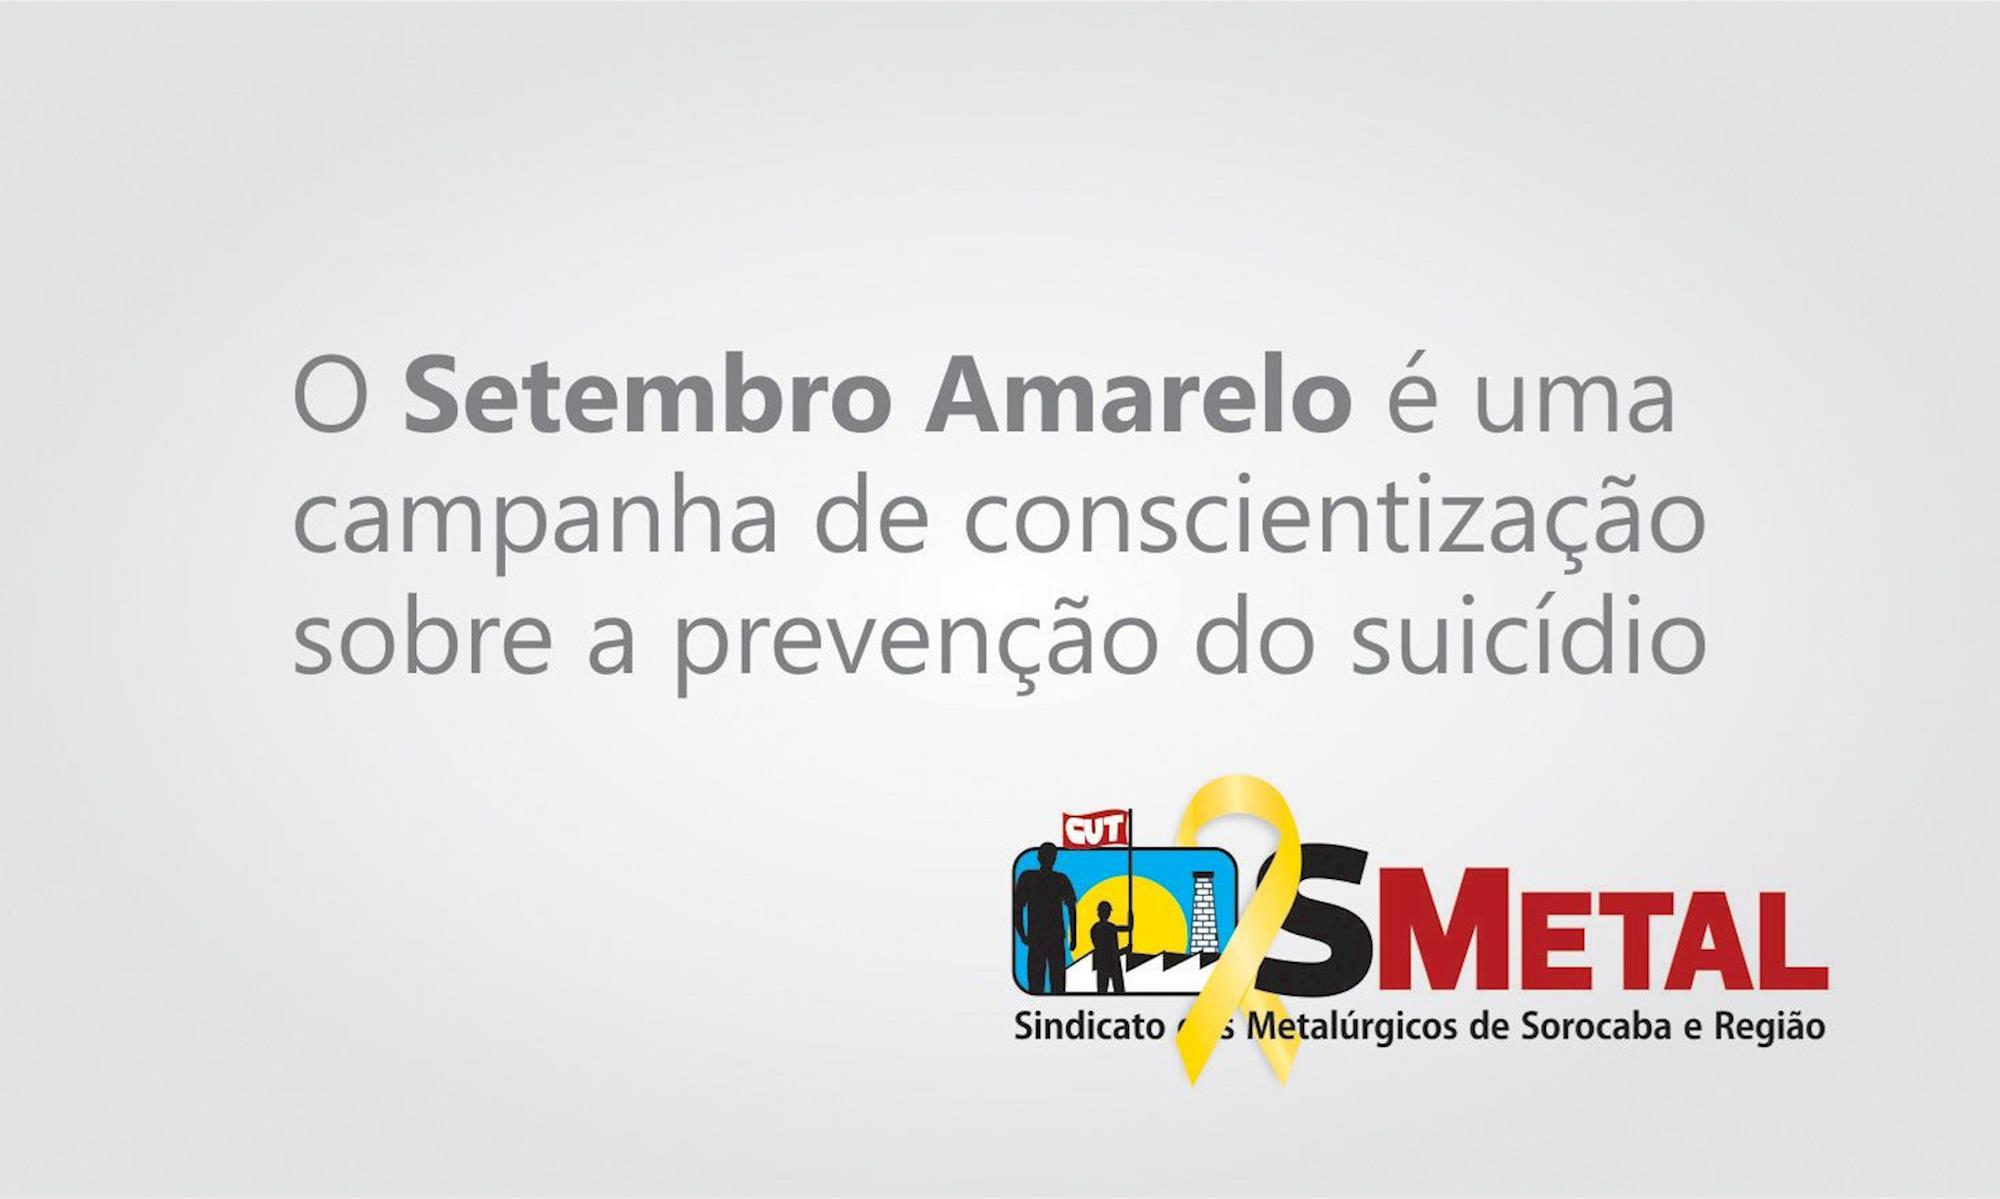 suicídio, setembro, amarelo, campanha, depressão, smetal, Divulgação